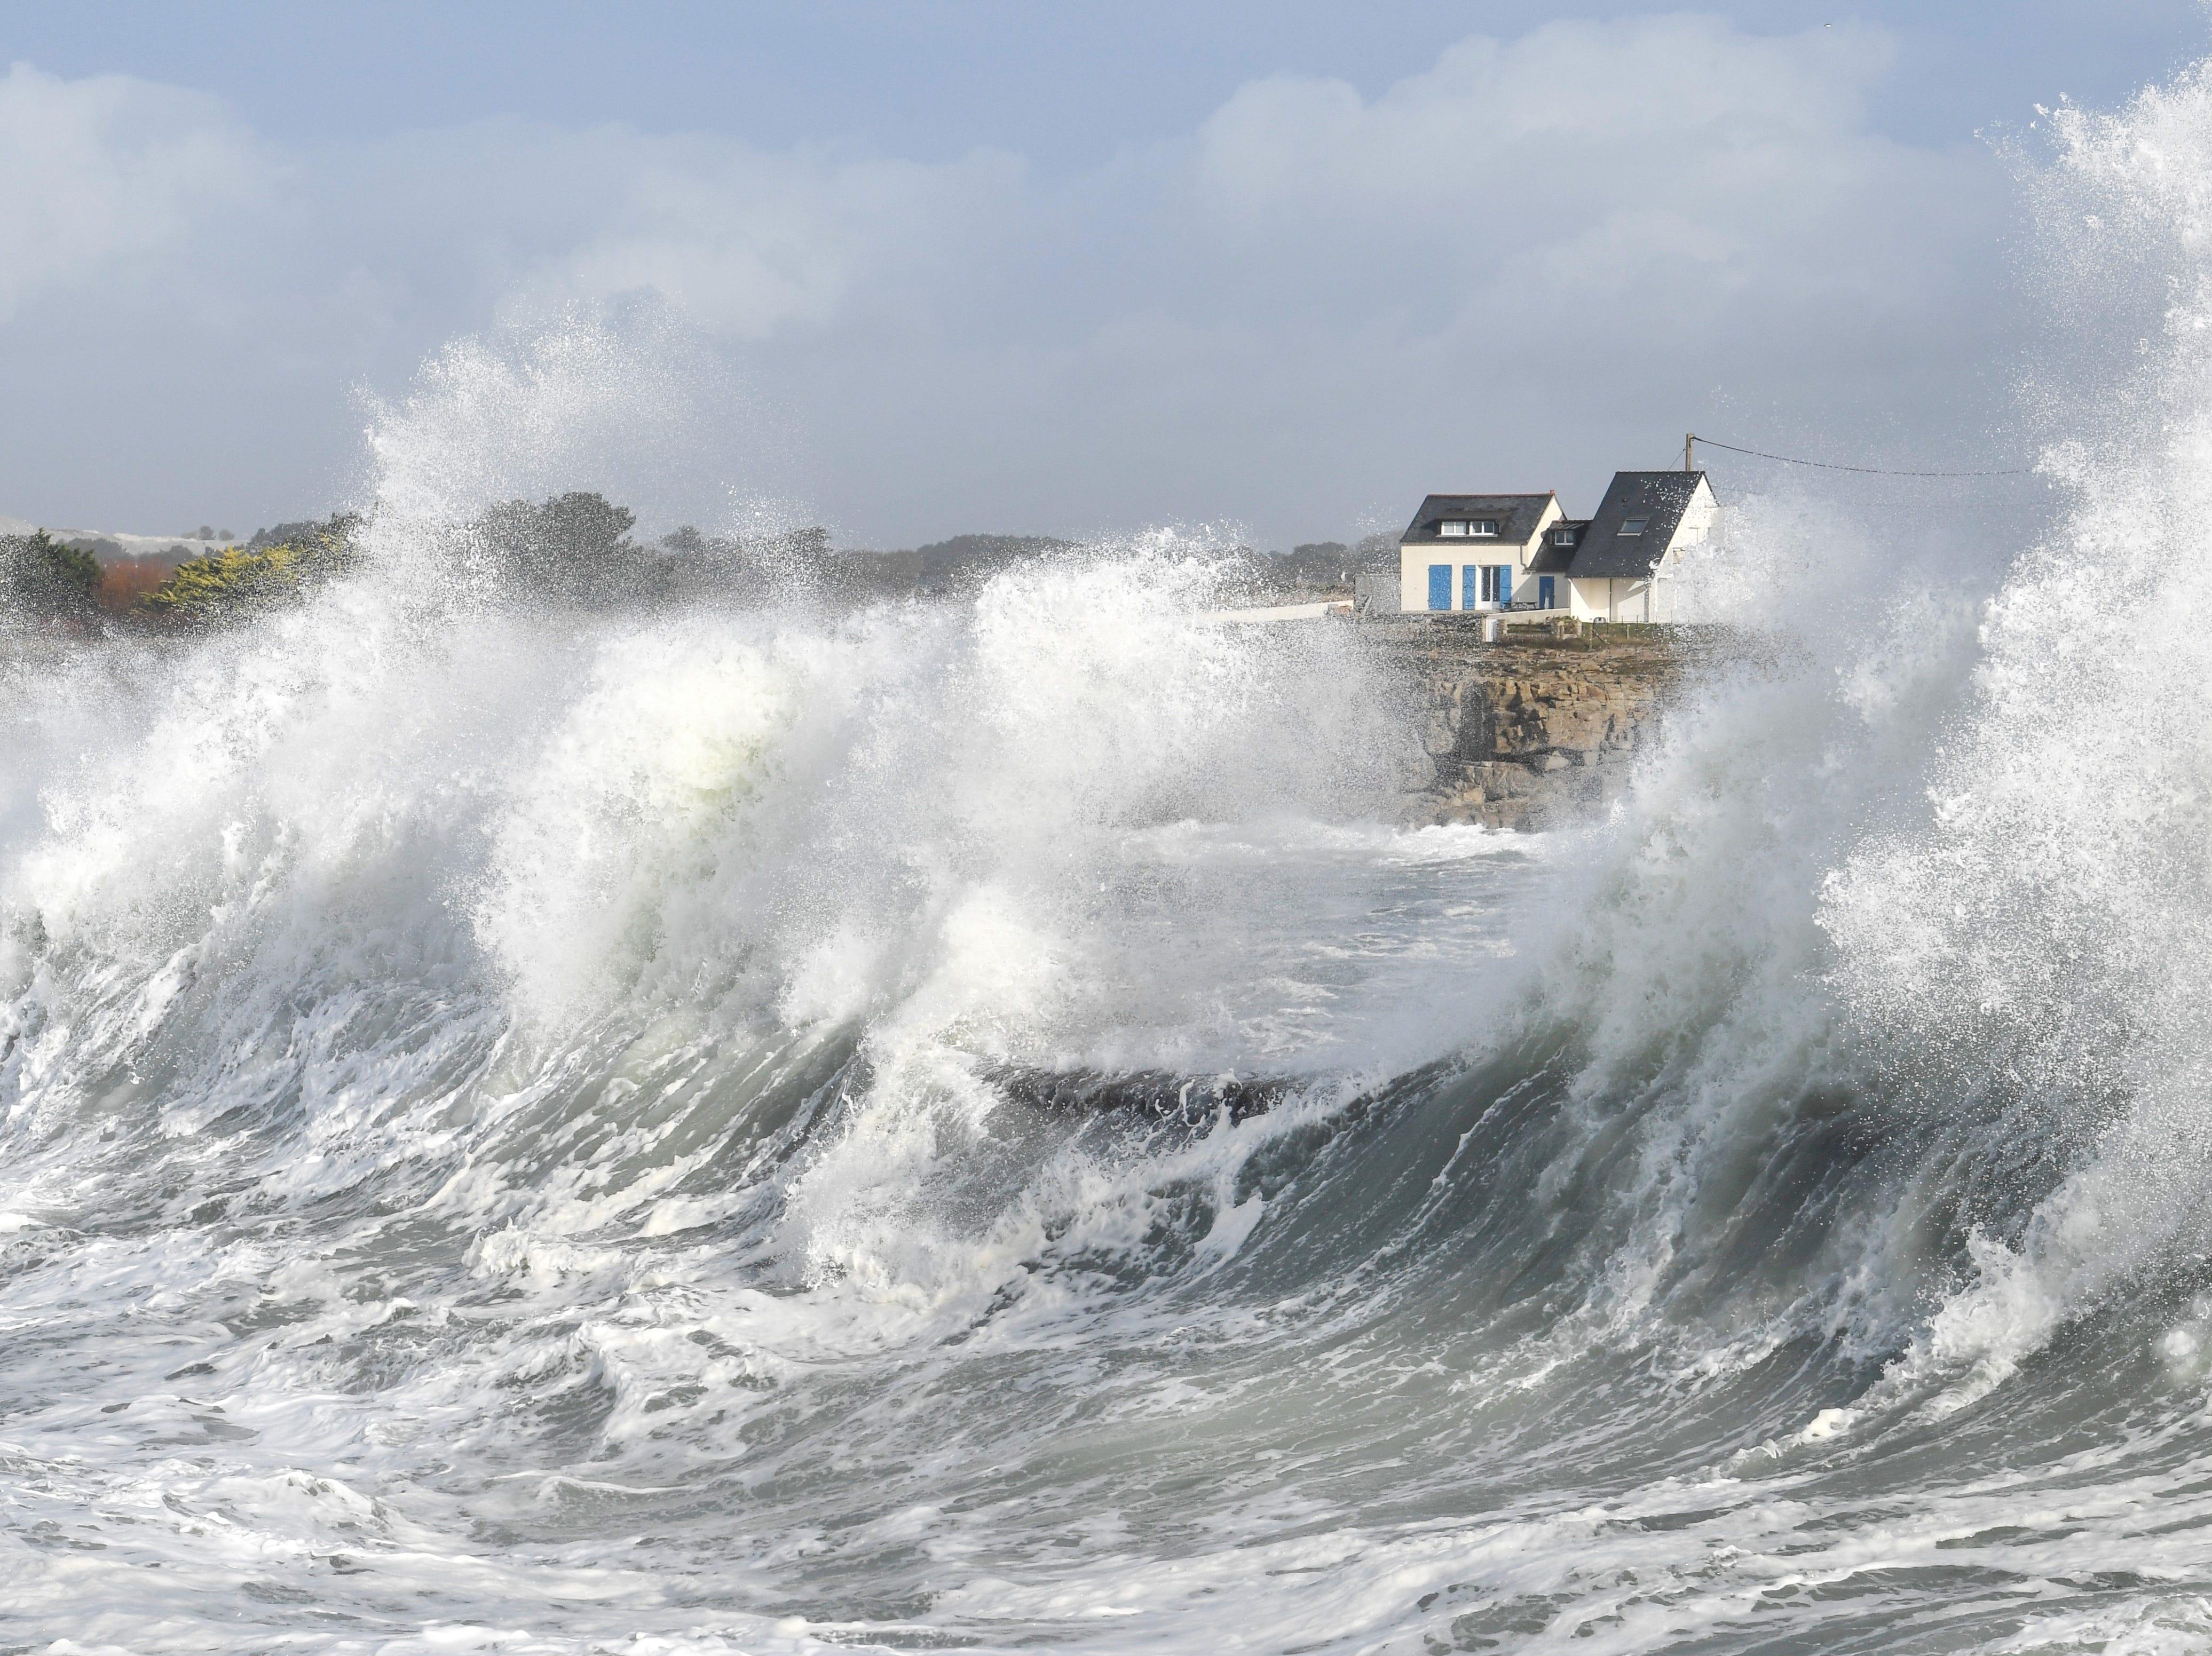 Waves break on the jetty in Ploemeur, western France, November 29, 2018.